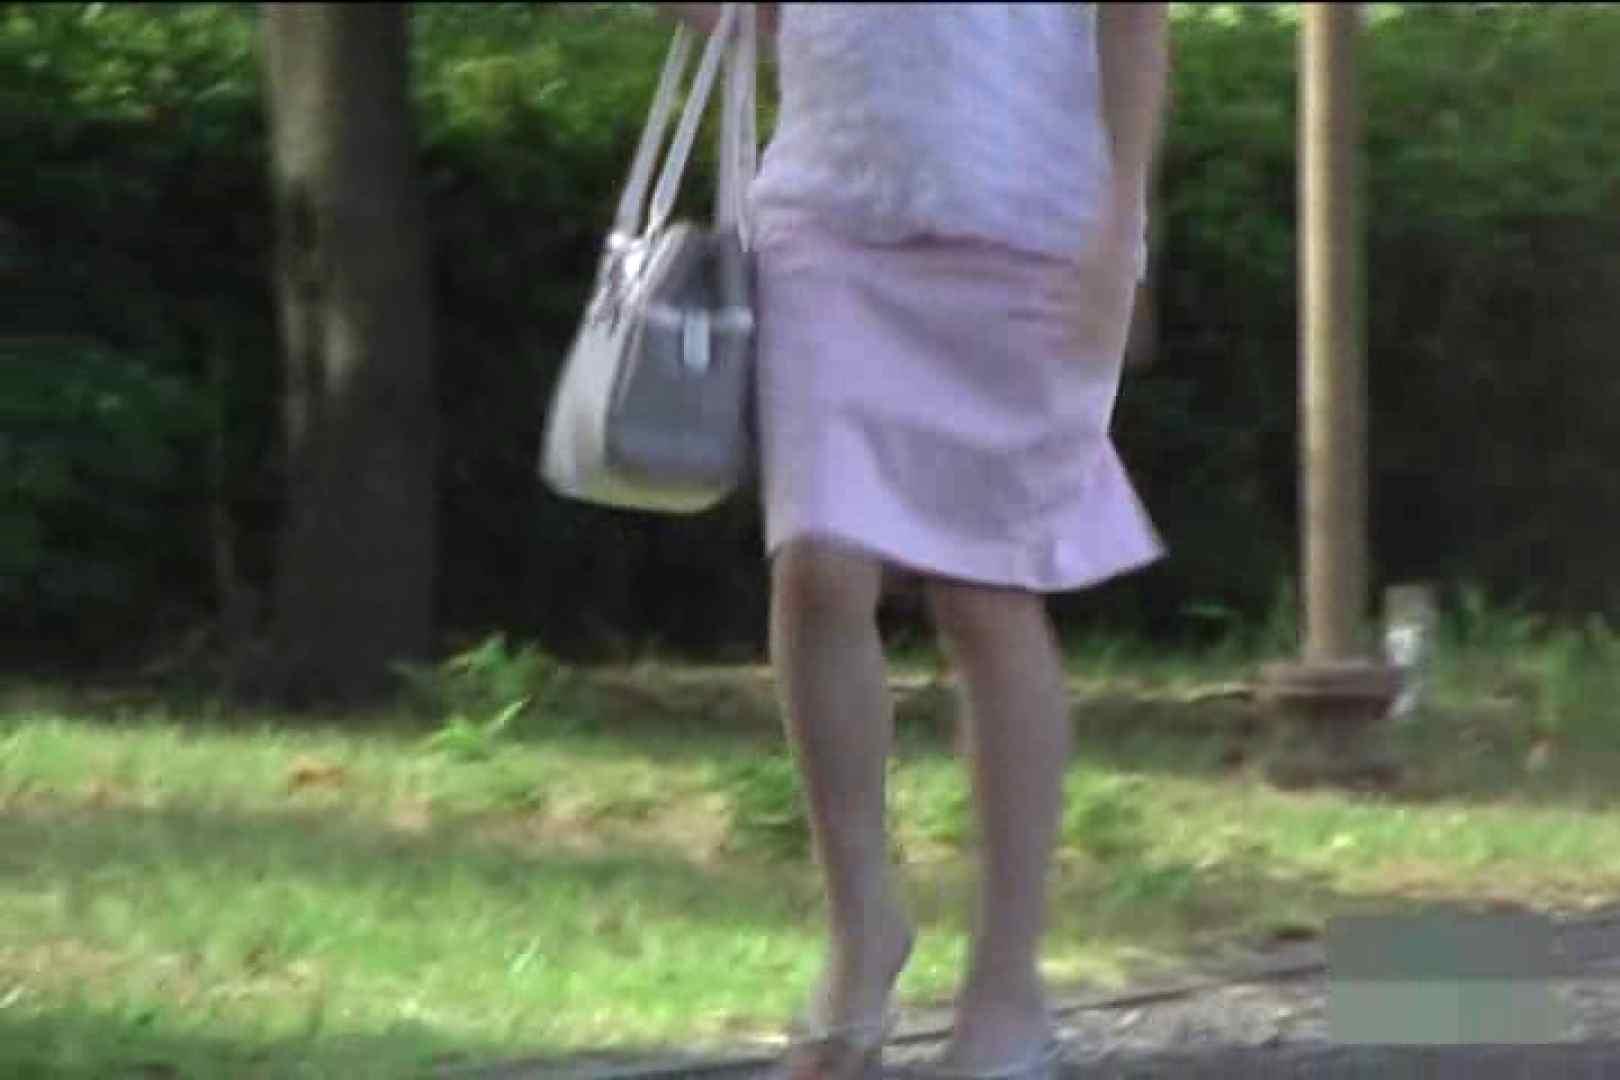 検証!隠し撮りスカートめくり!!Vol.8 ミニスカート 濡れ場動画紹介 99pic 65